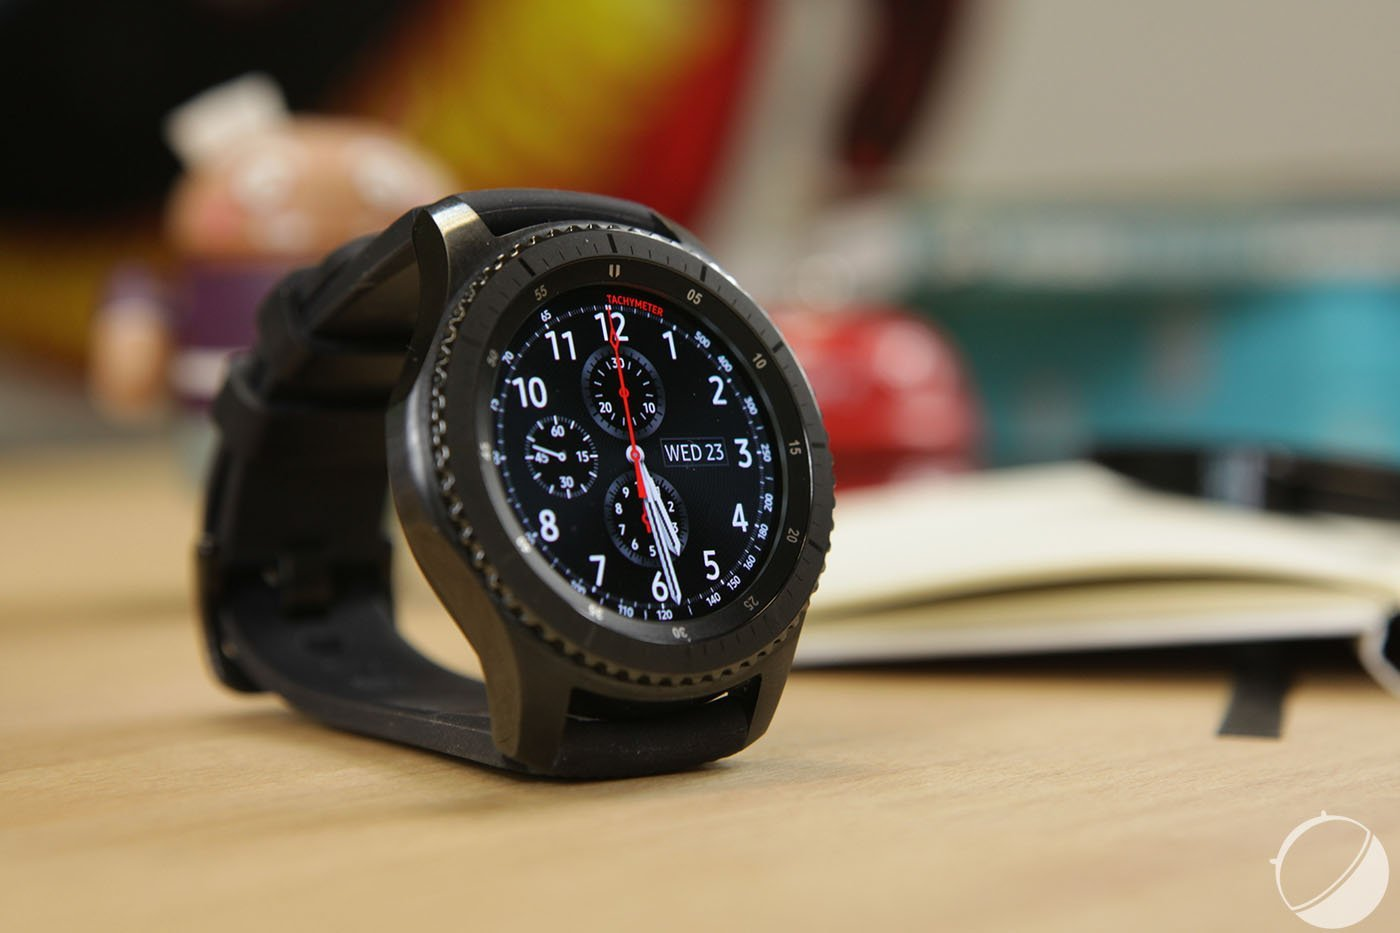 Samsung prépare une montre connectée entre Gear S3 et Gear Fit 2